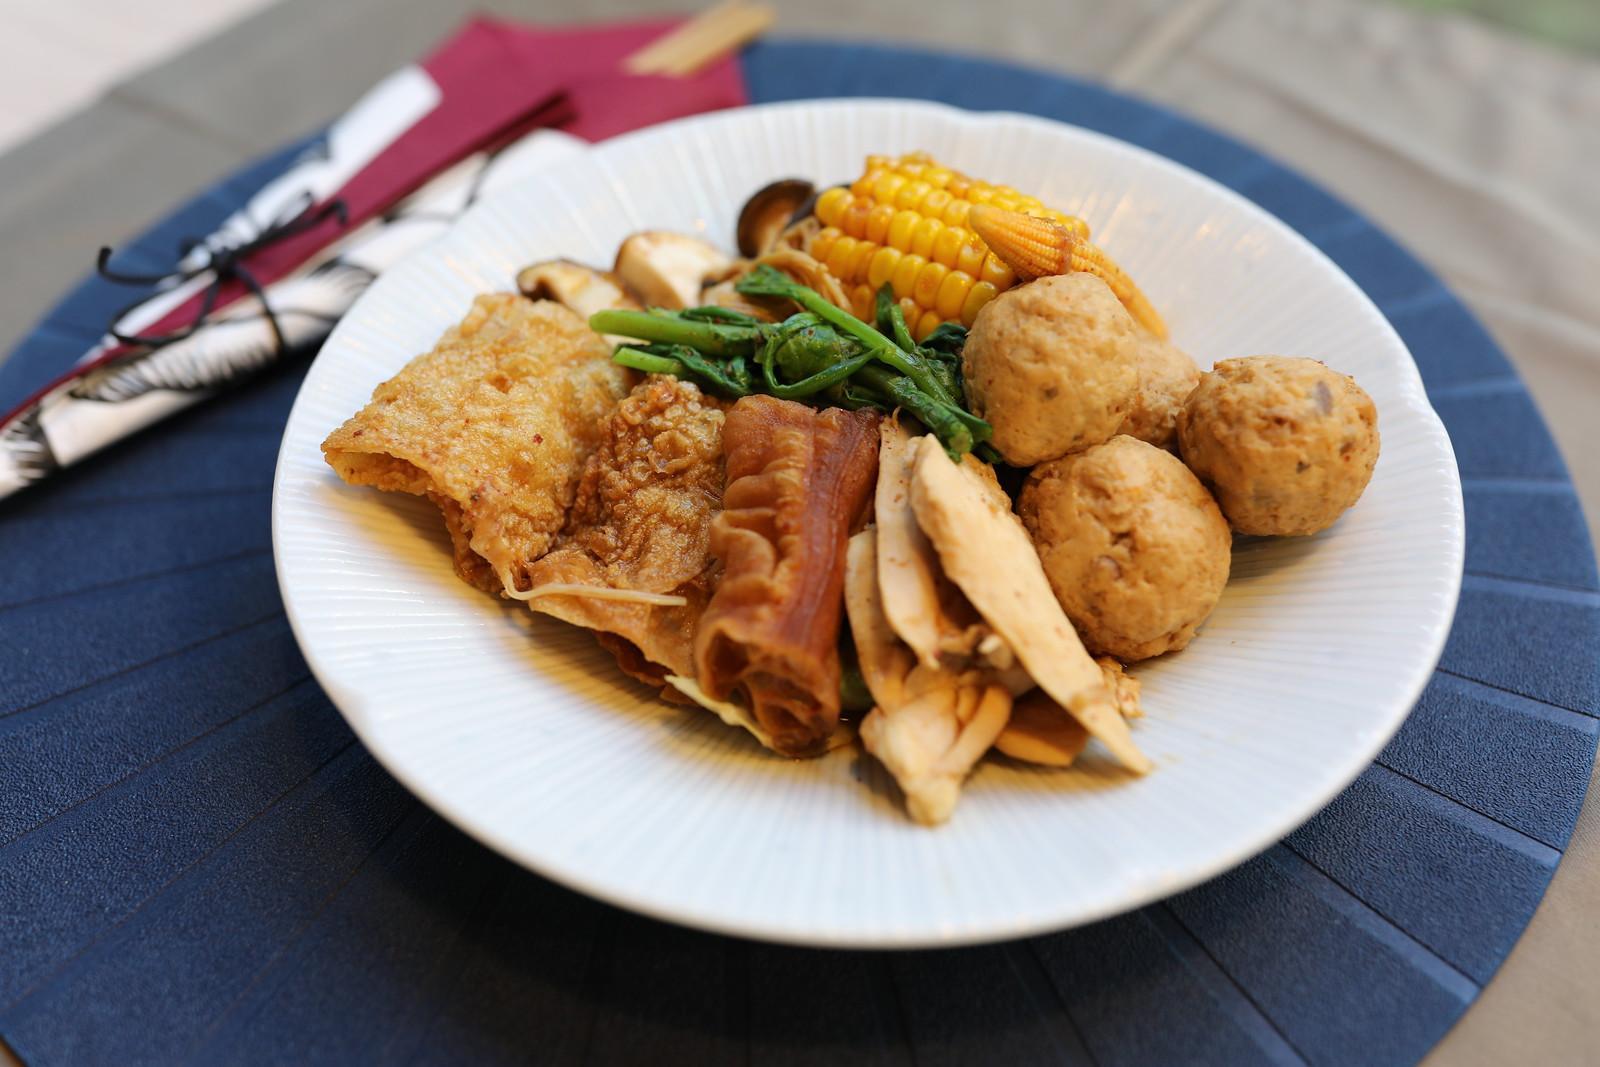 【magimix】Soac主廚特製川味雞肉火鍋